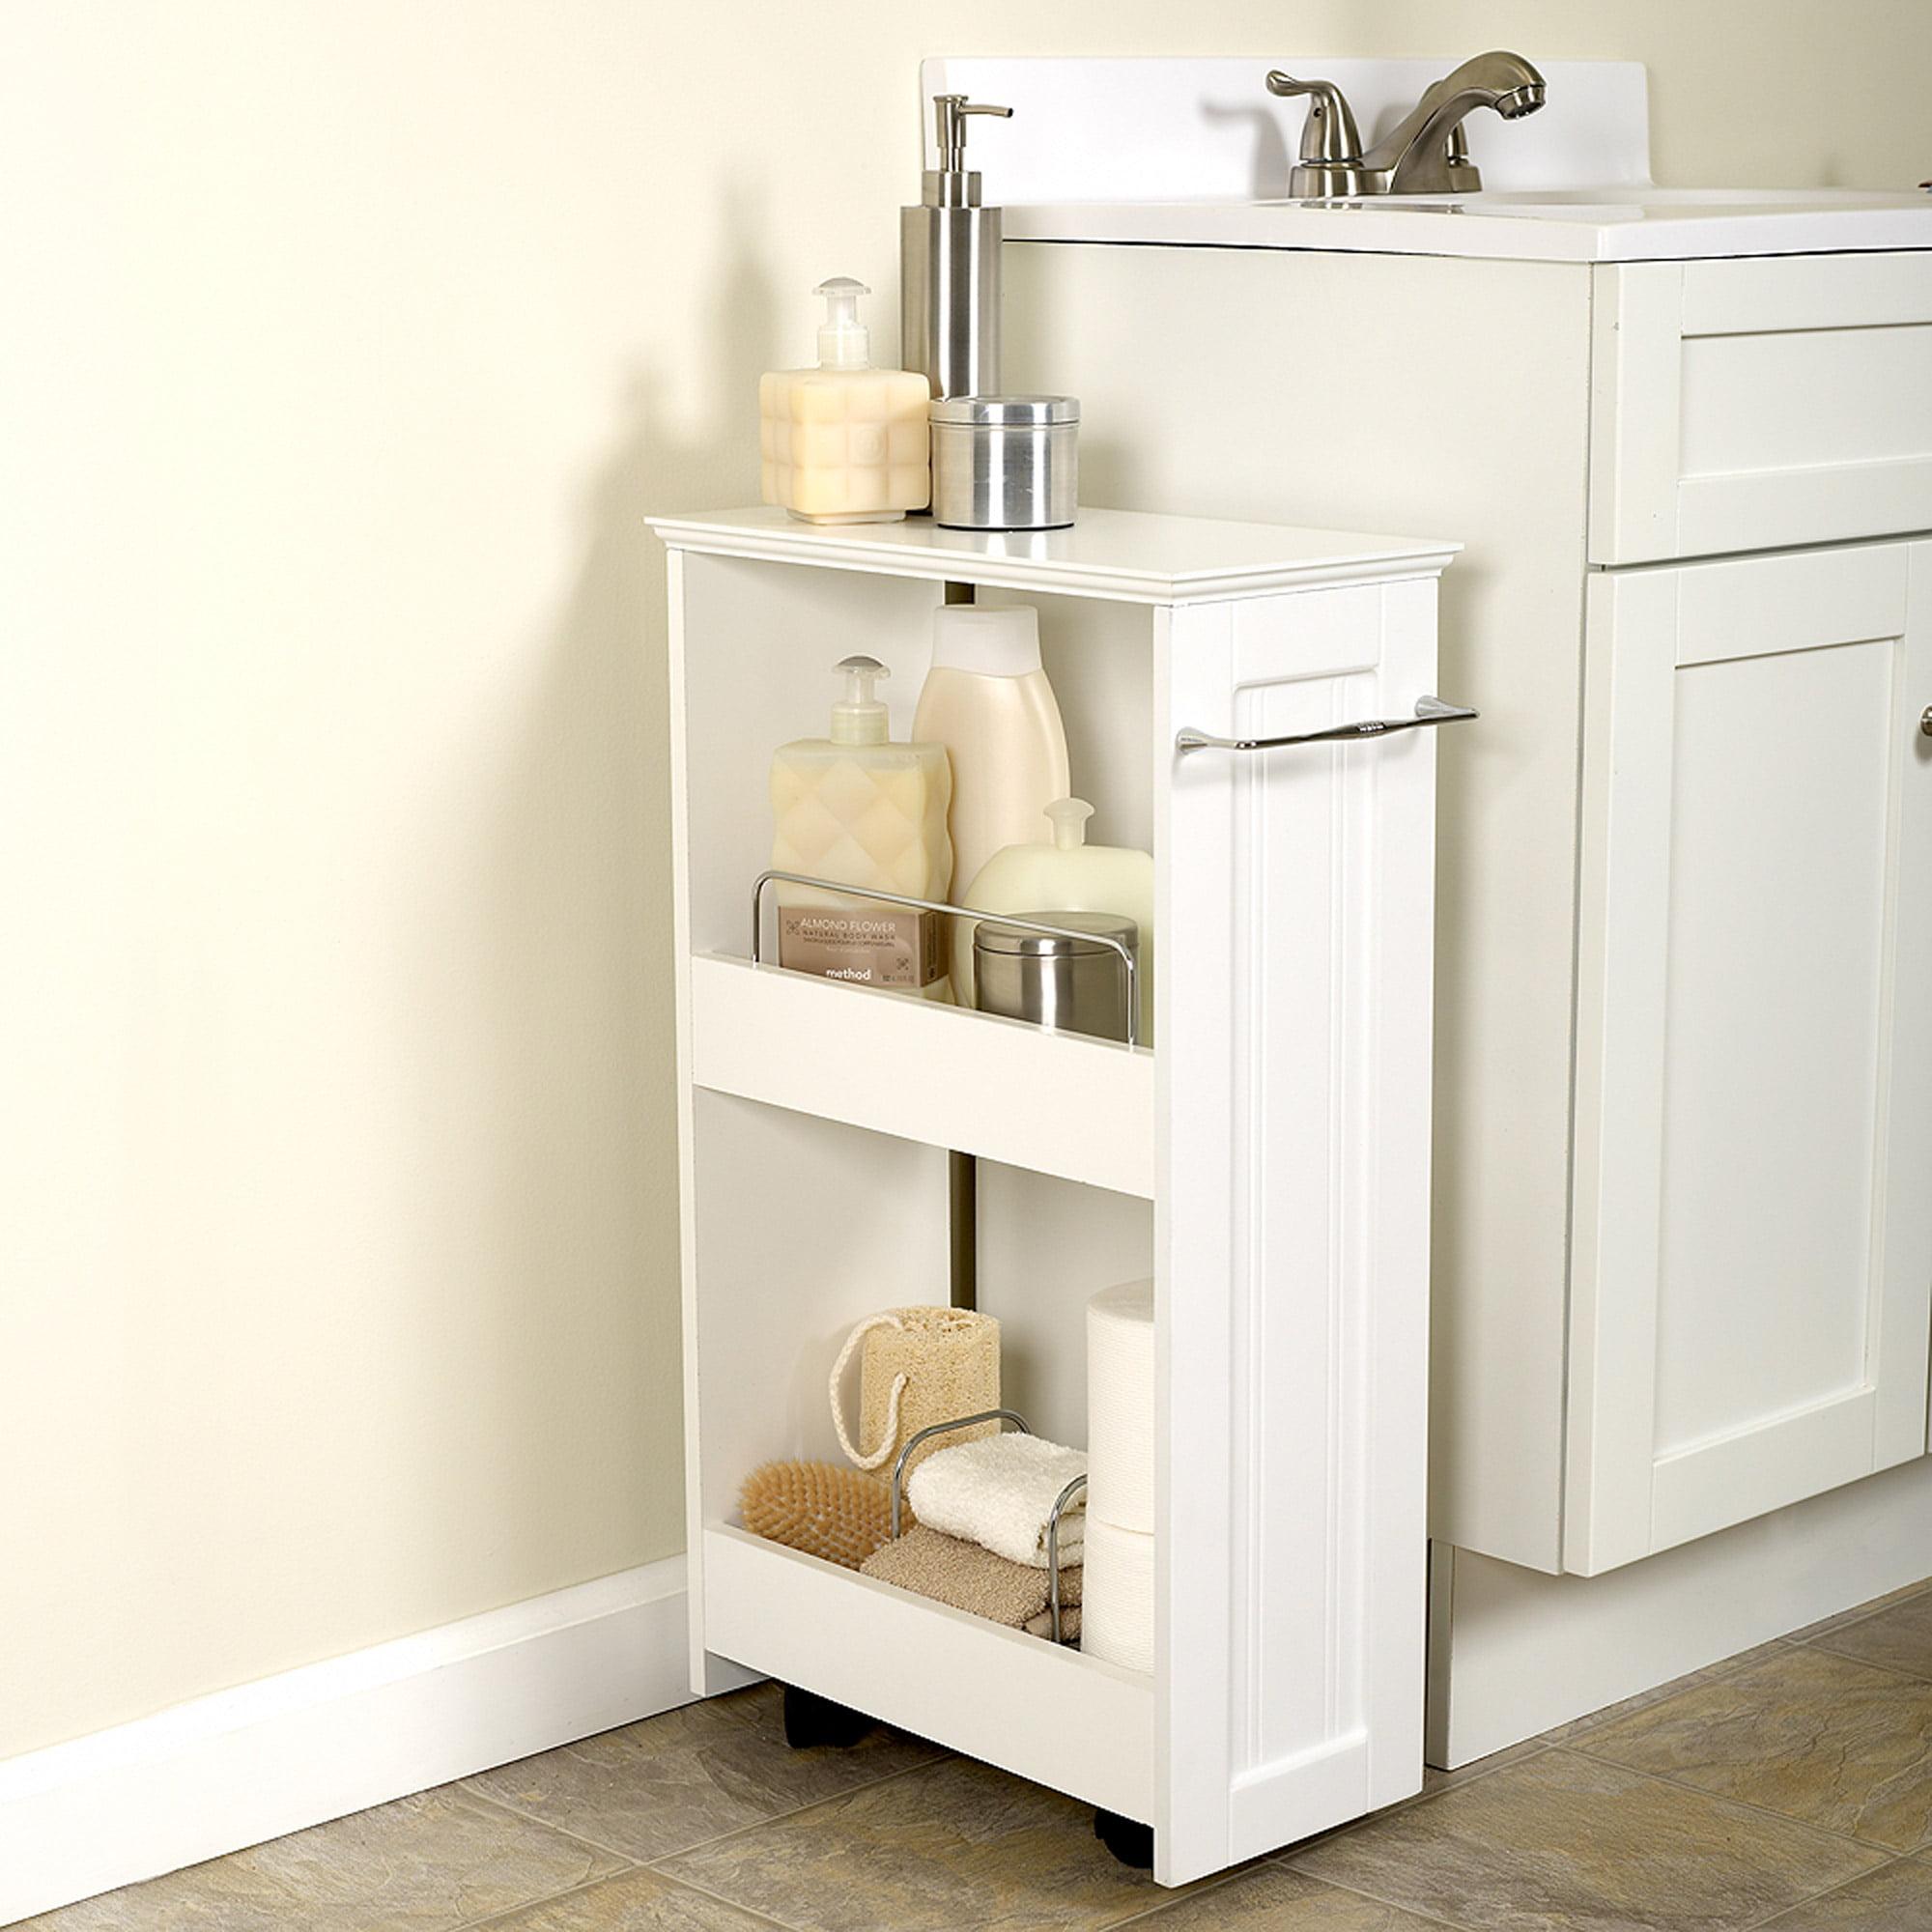 bathroom sink dreamy person elegant bathroom pedestal sink storage cabinet. Black Bedroom Furniture Sets. Home Design Ideas